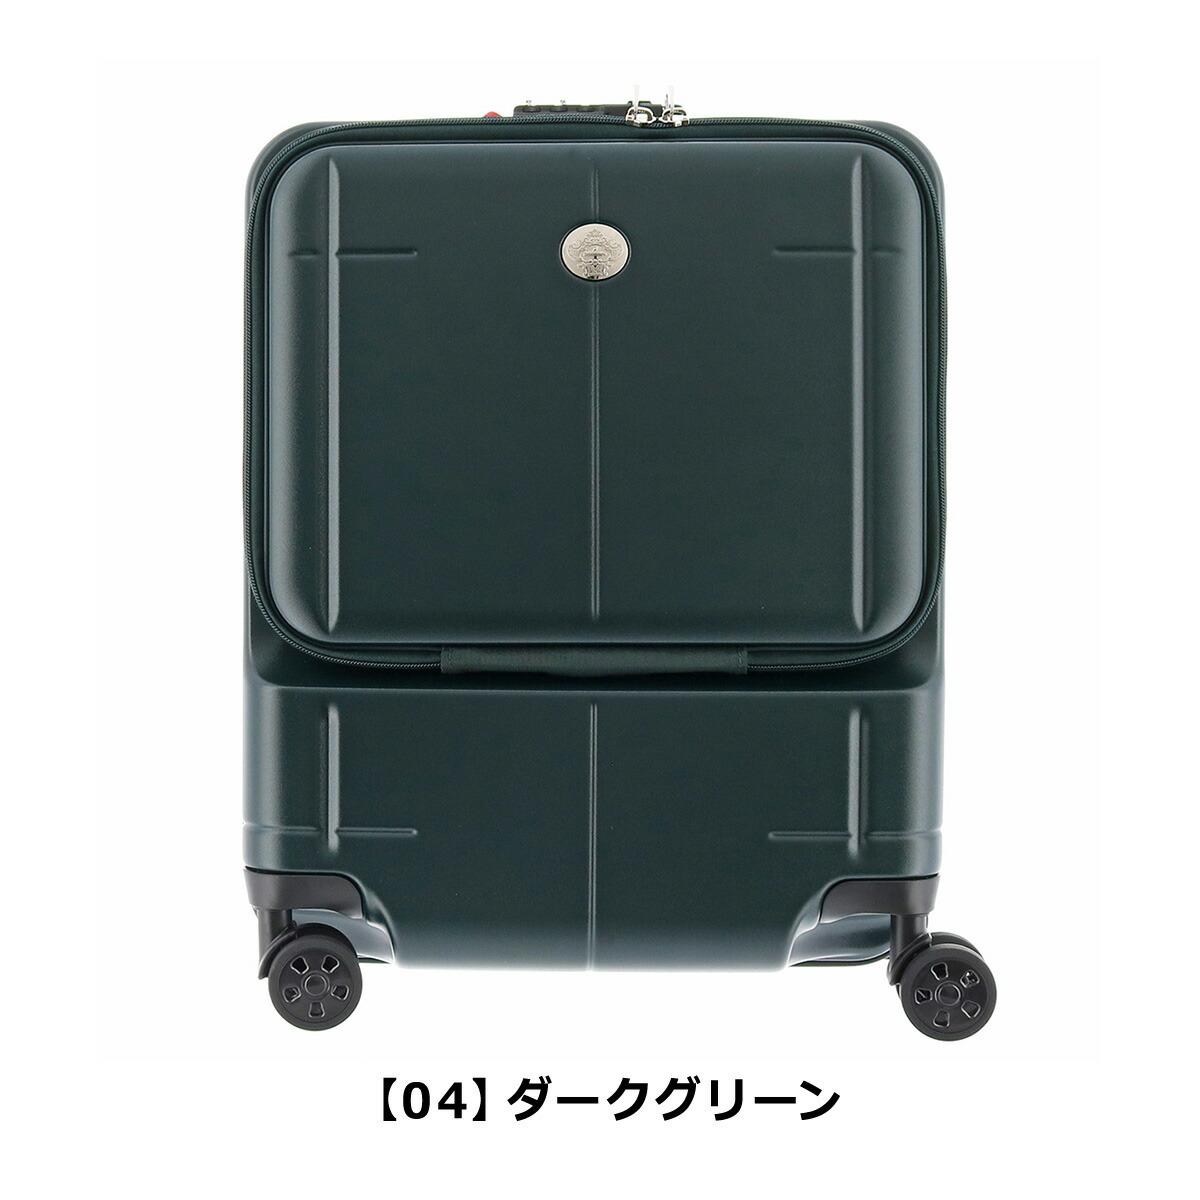 【04】ダークグリーン